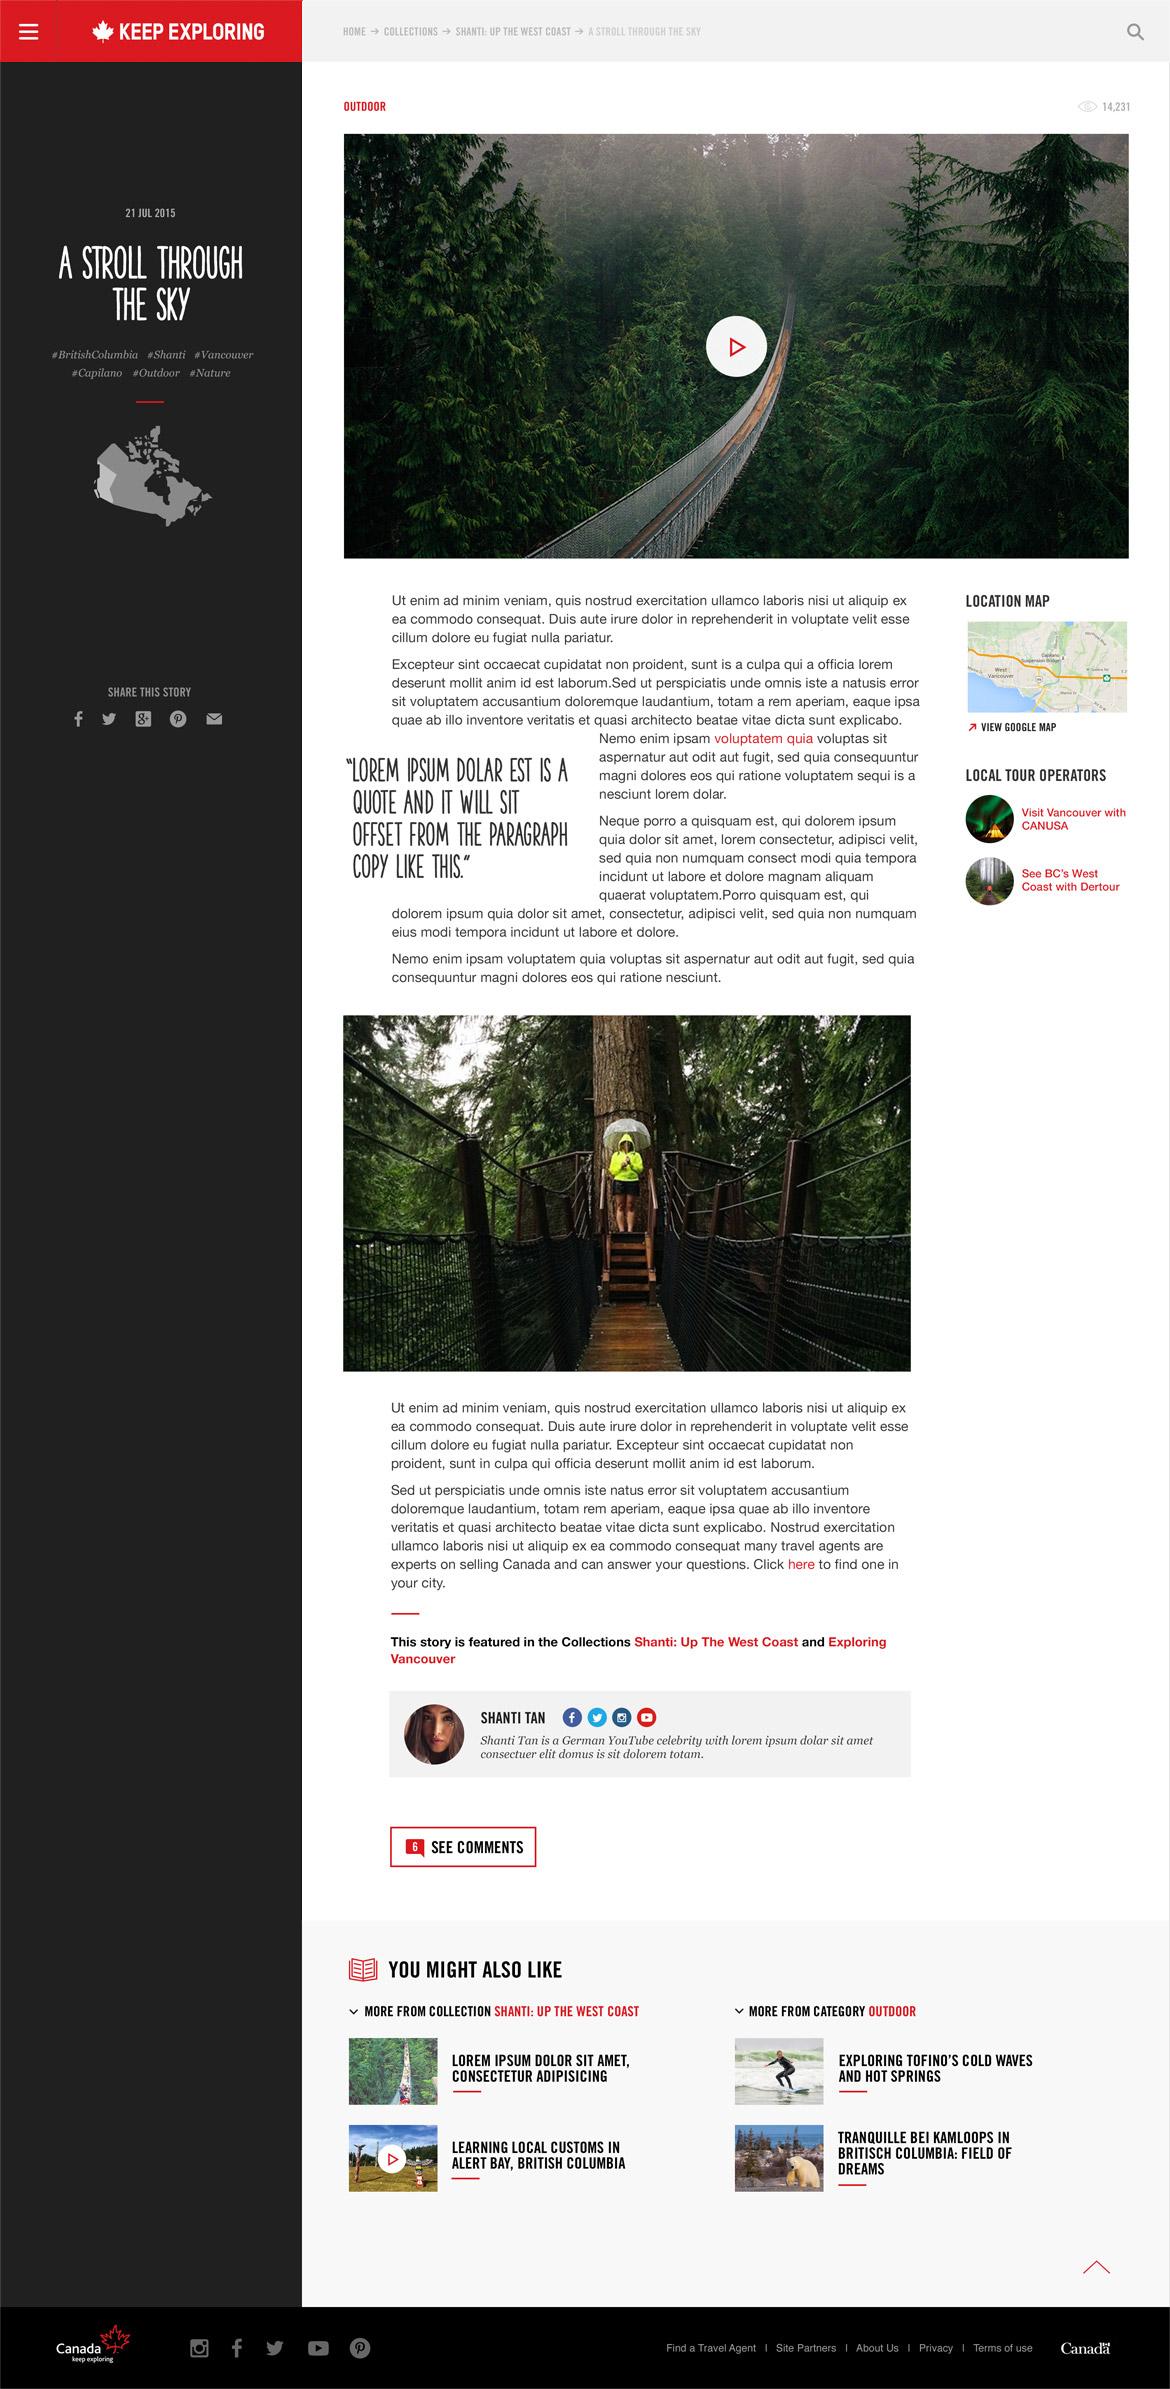 KE_Blog_storydetail